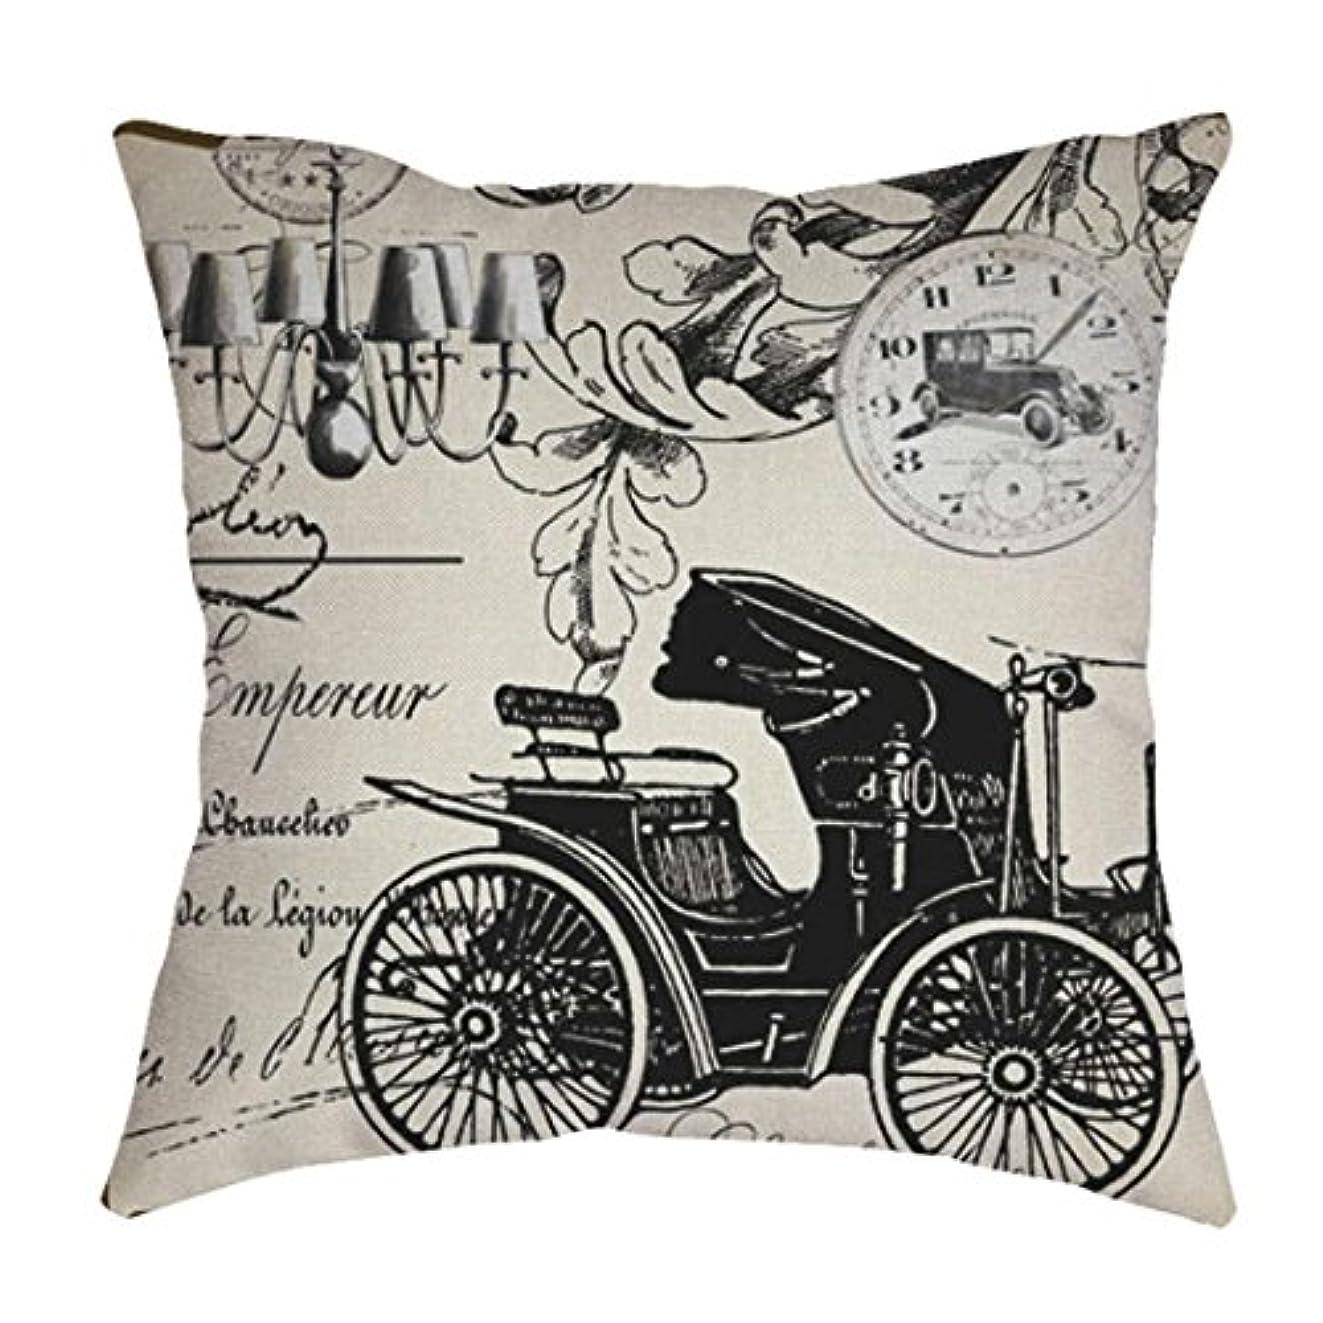 露名詞ルームMhomzawa クッションカバー 馬車プリント クラシック ピローケース 抱き枕カバー 可愛い 装飾 背当て お部屋 ソファー 椅子 車 正方形 装飾 おしゃれ (多色)